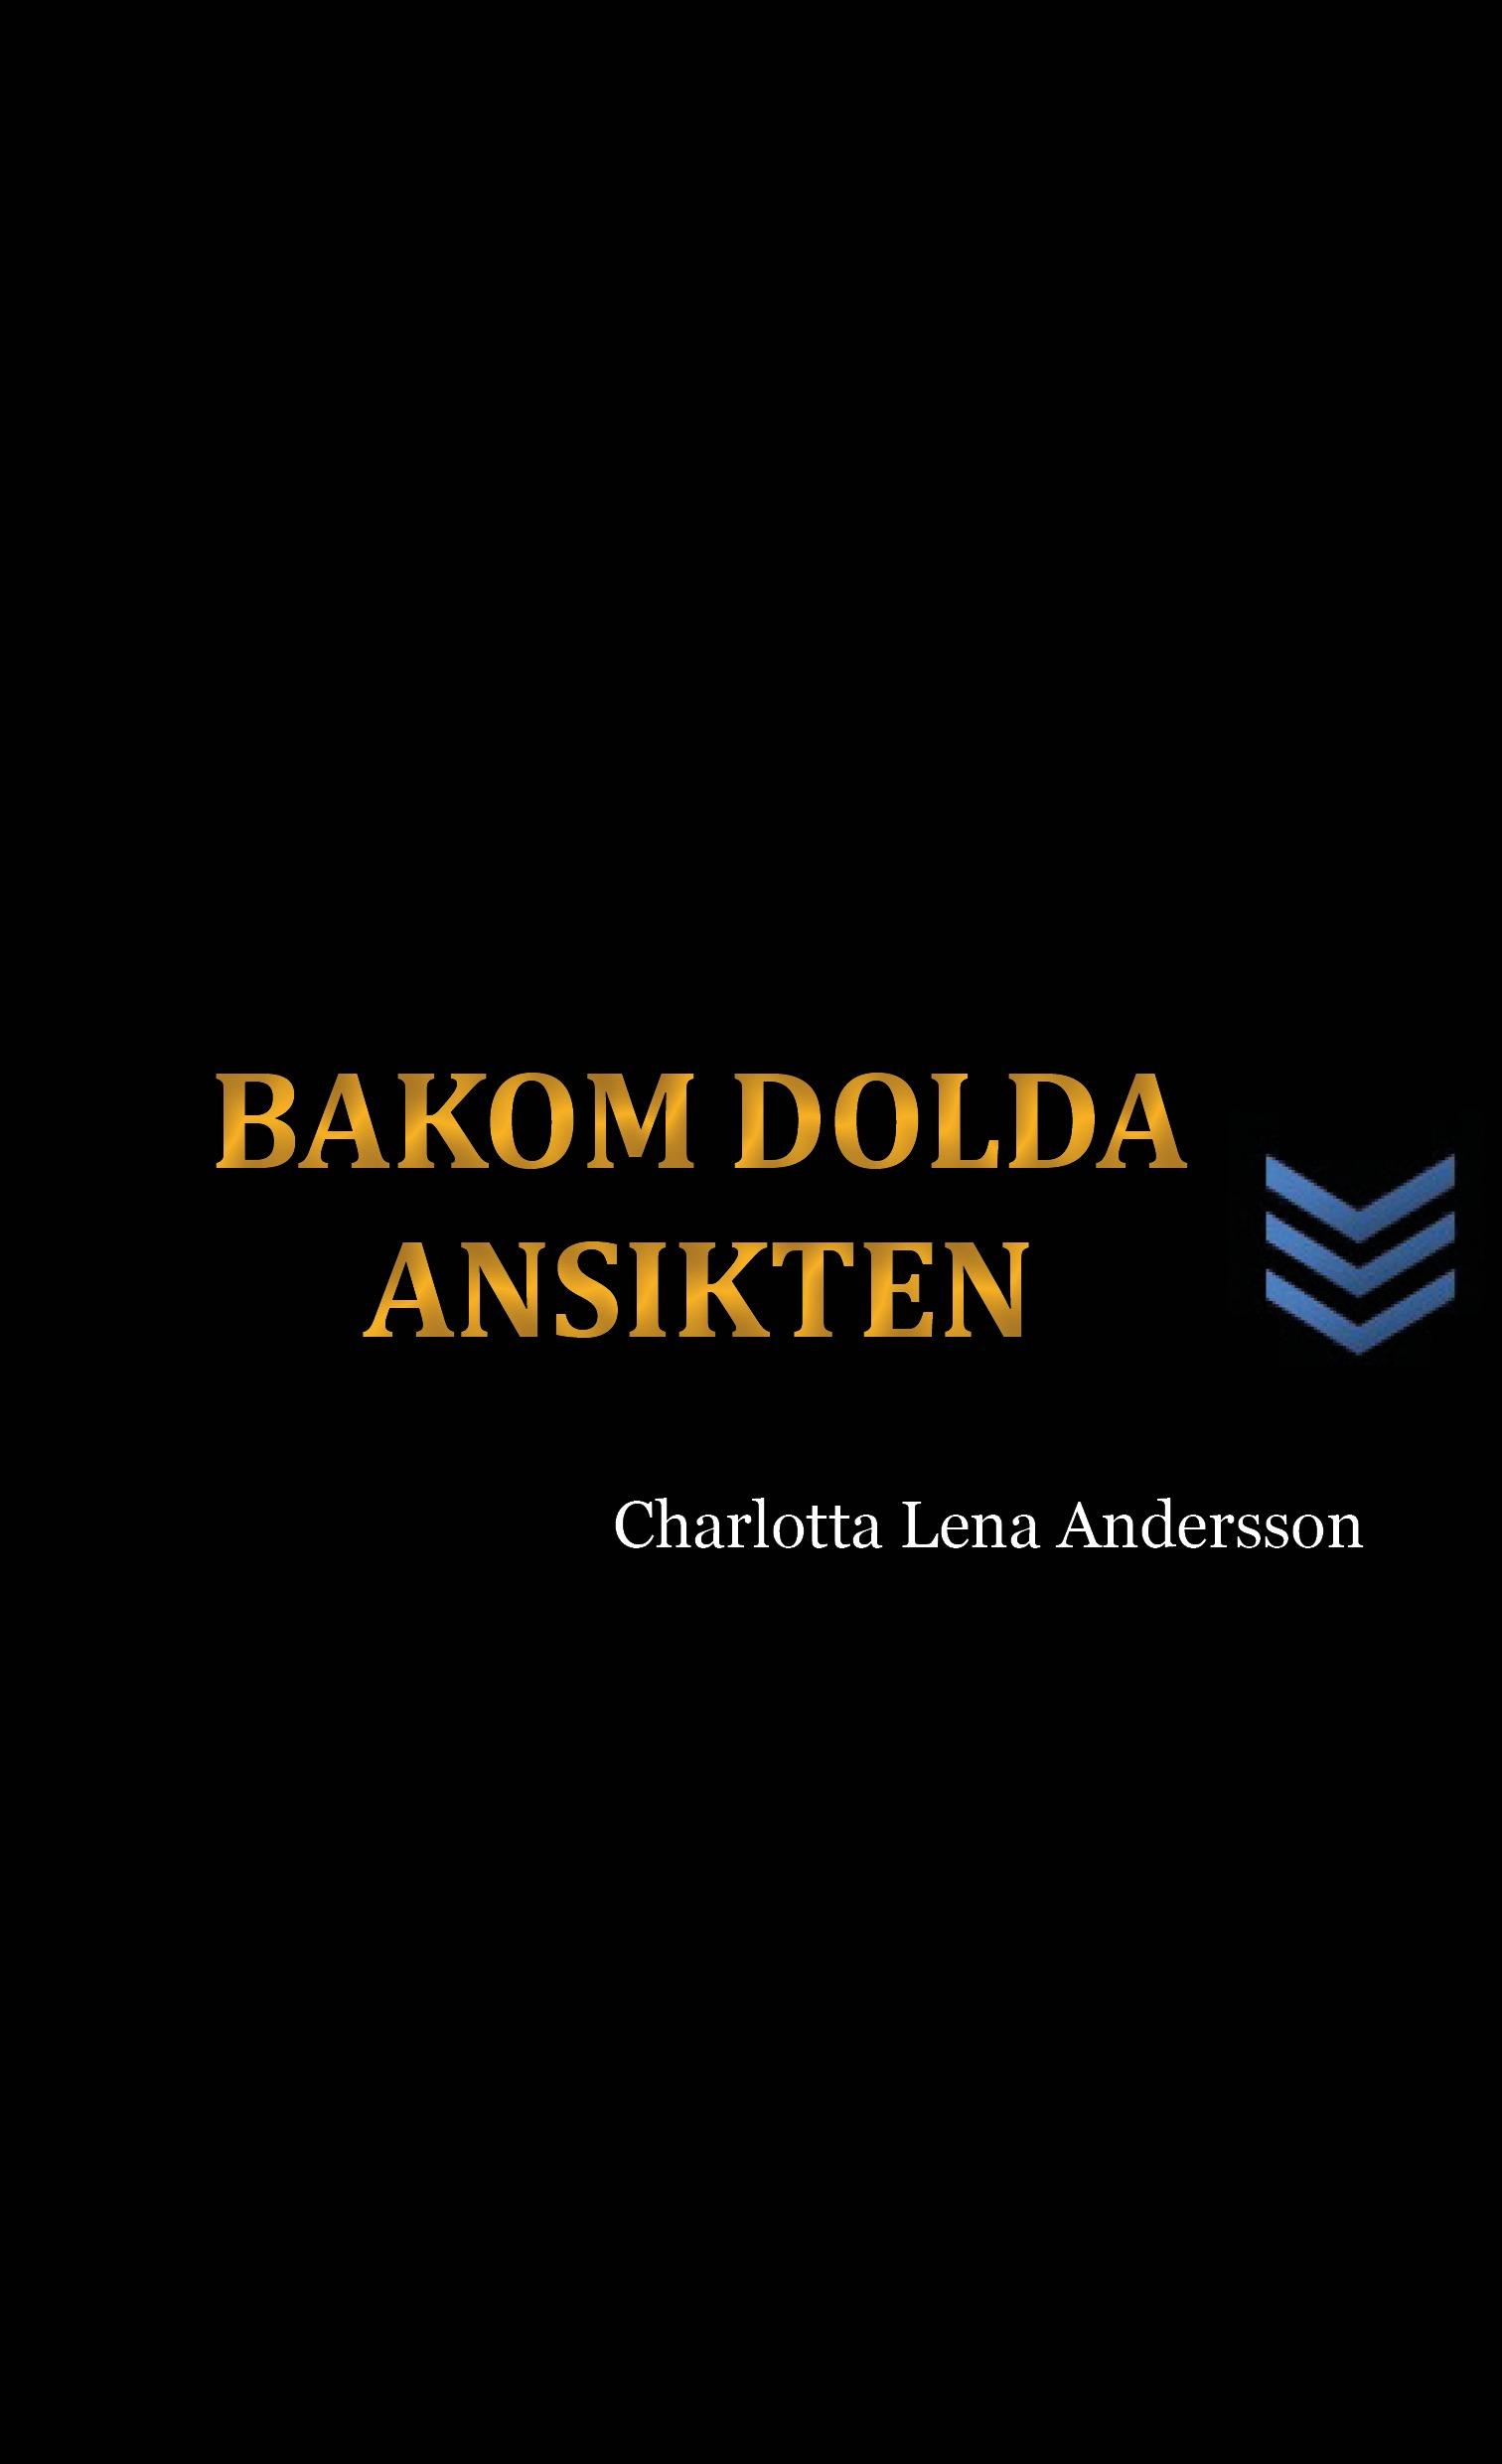 Bakom dolda ansikten av Charlotta Lena Andersson